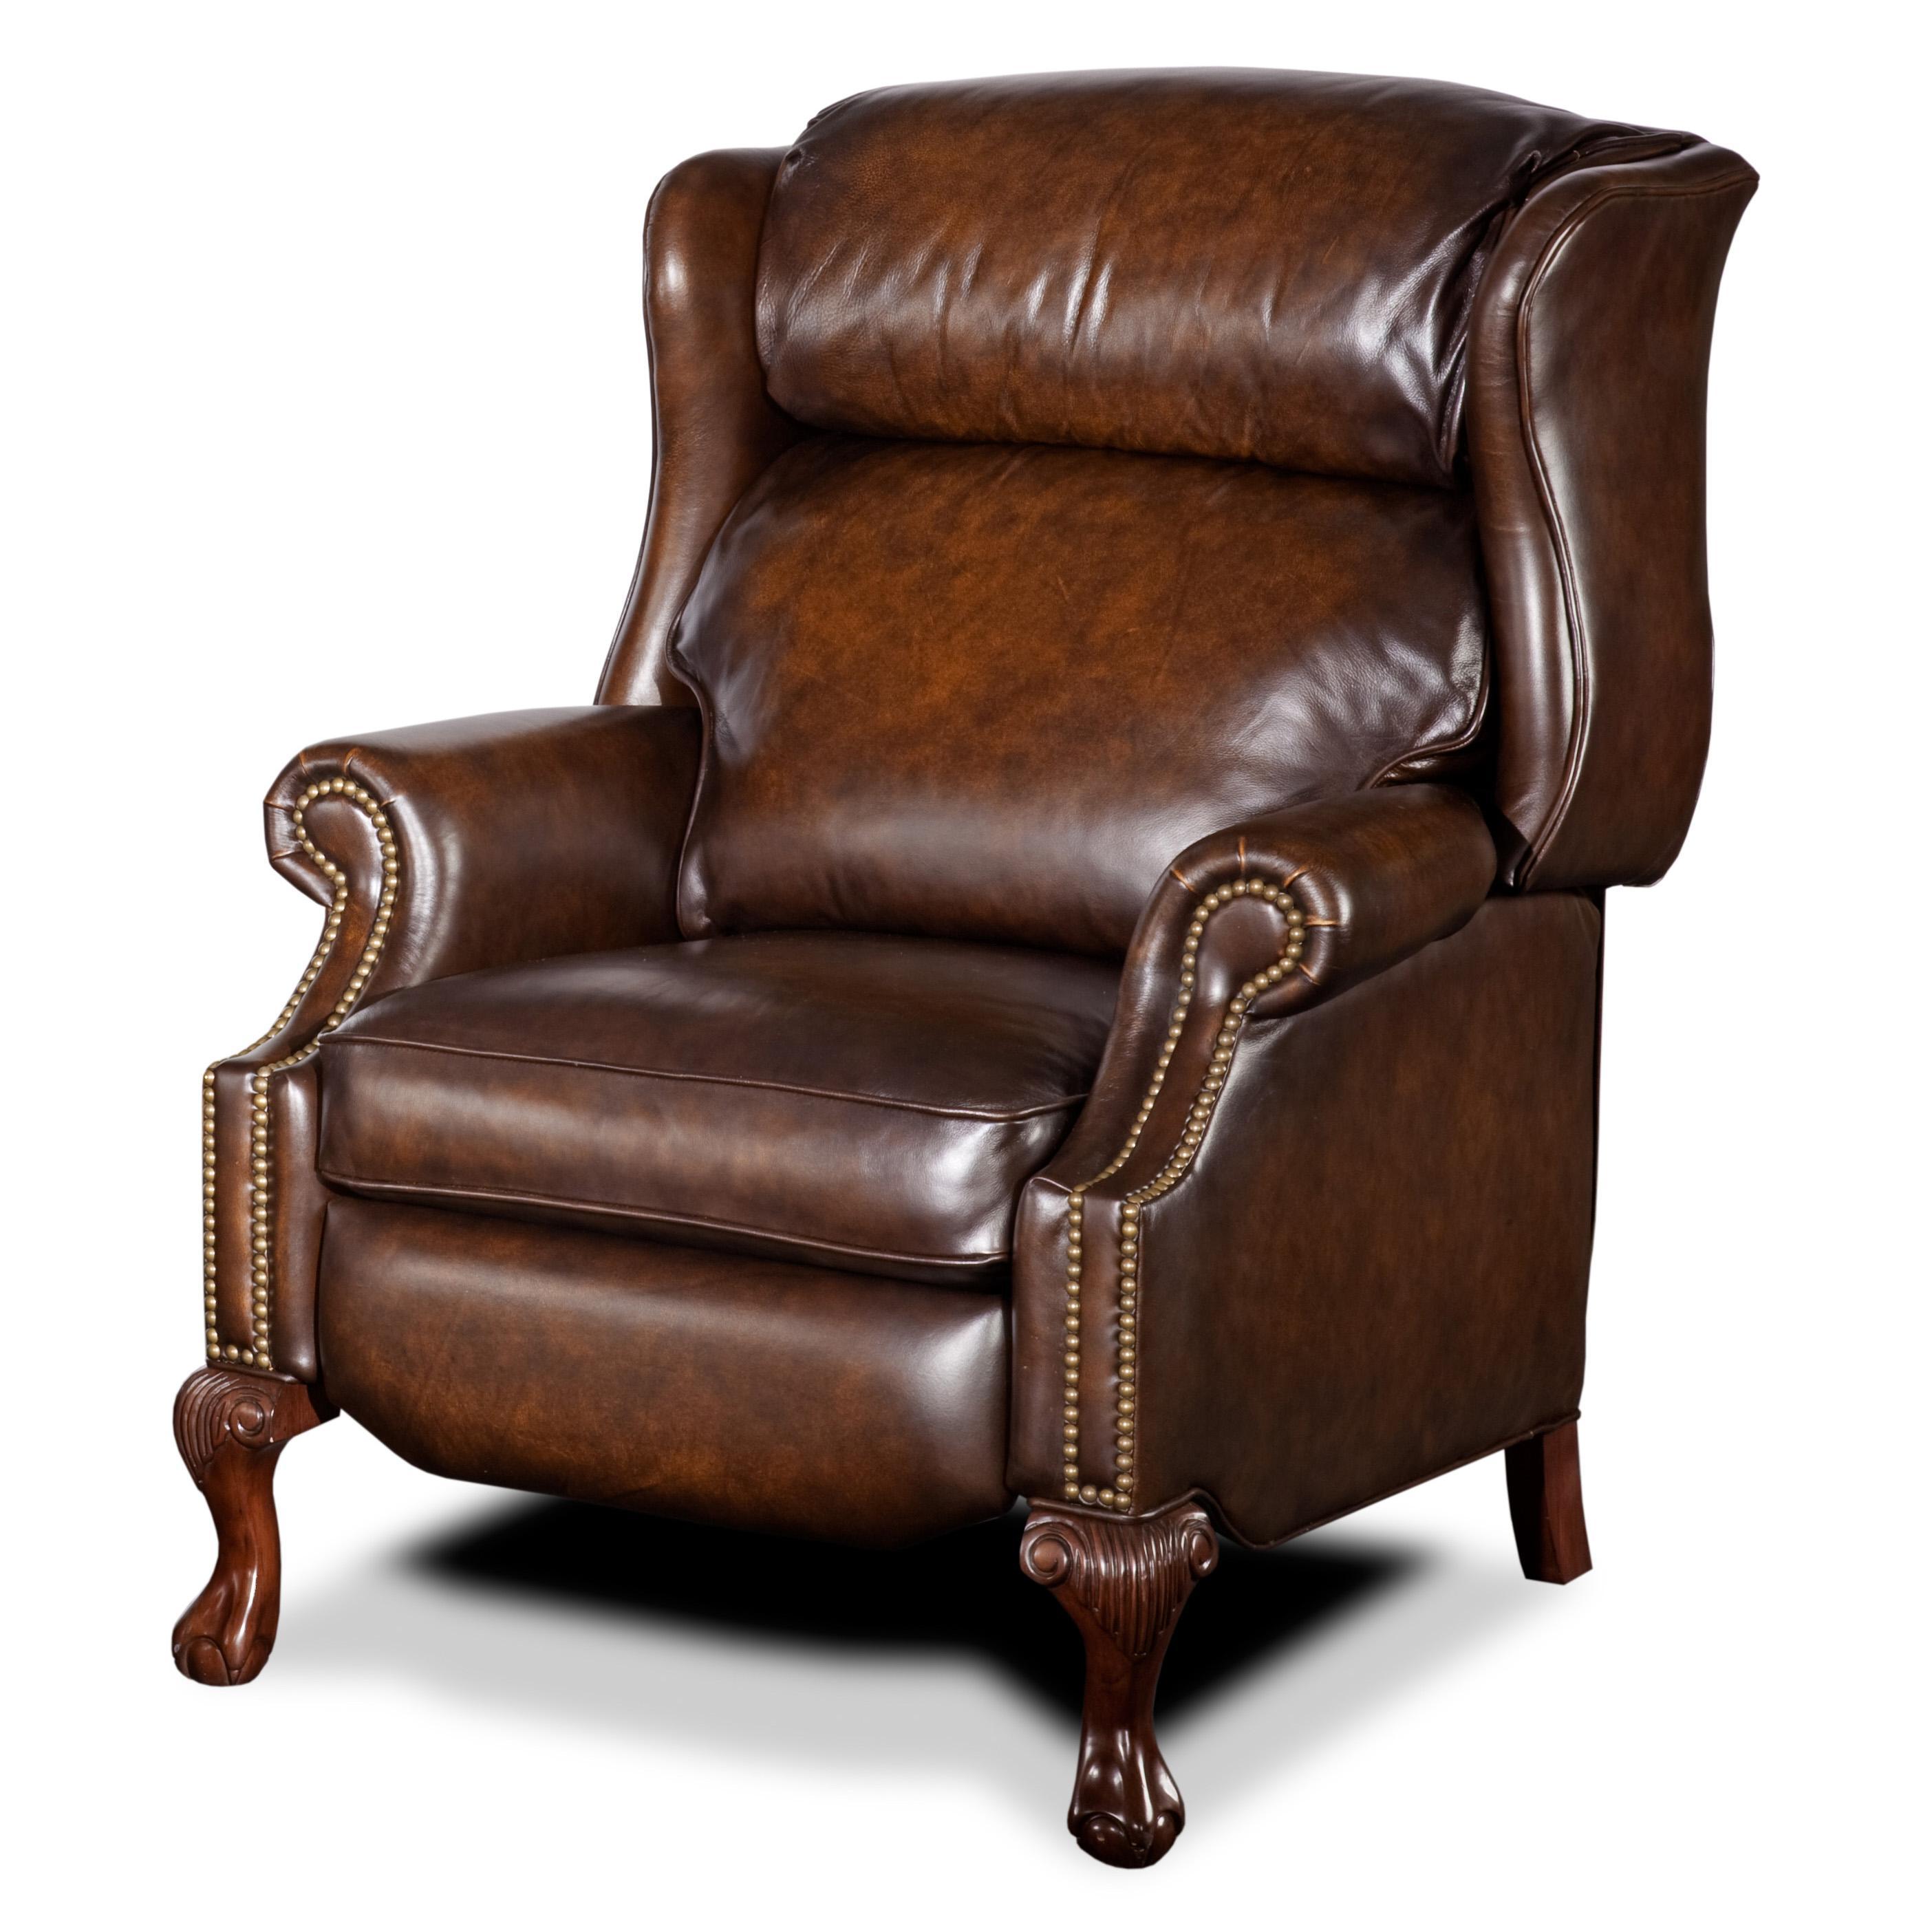 Hooker Furniture Reclining Chairs High Leg Wing Recliner Wayside Furniture High Leg Recliners